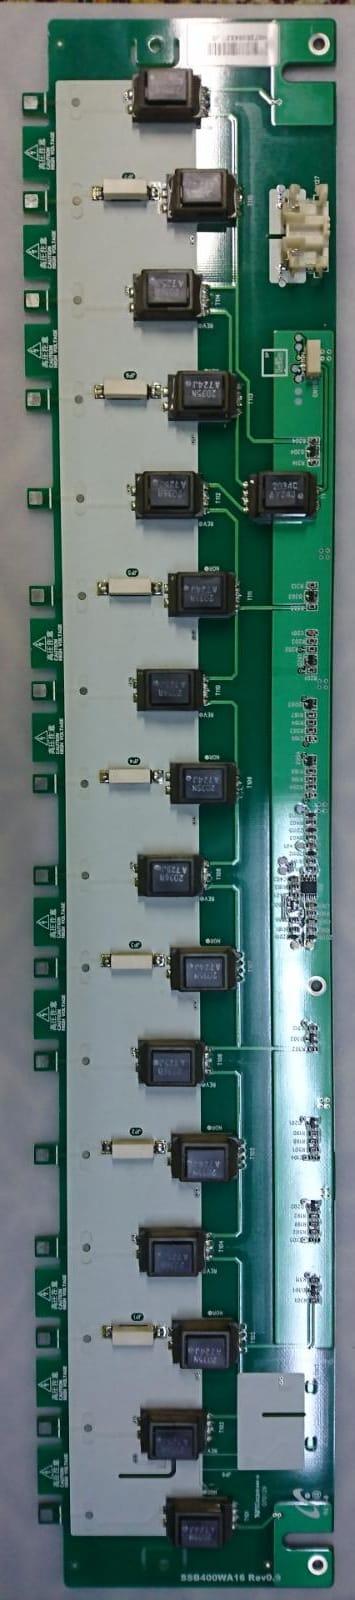 SSB400W16 REV0